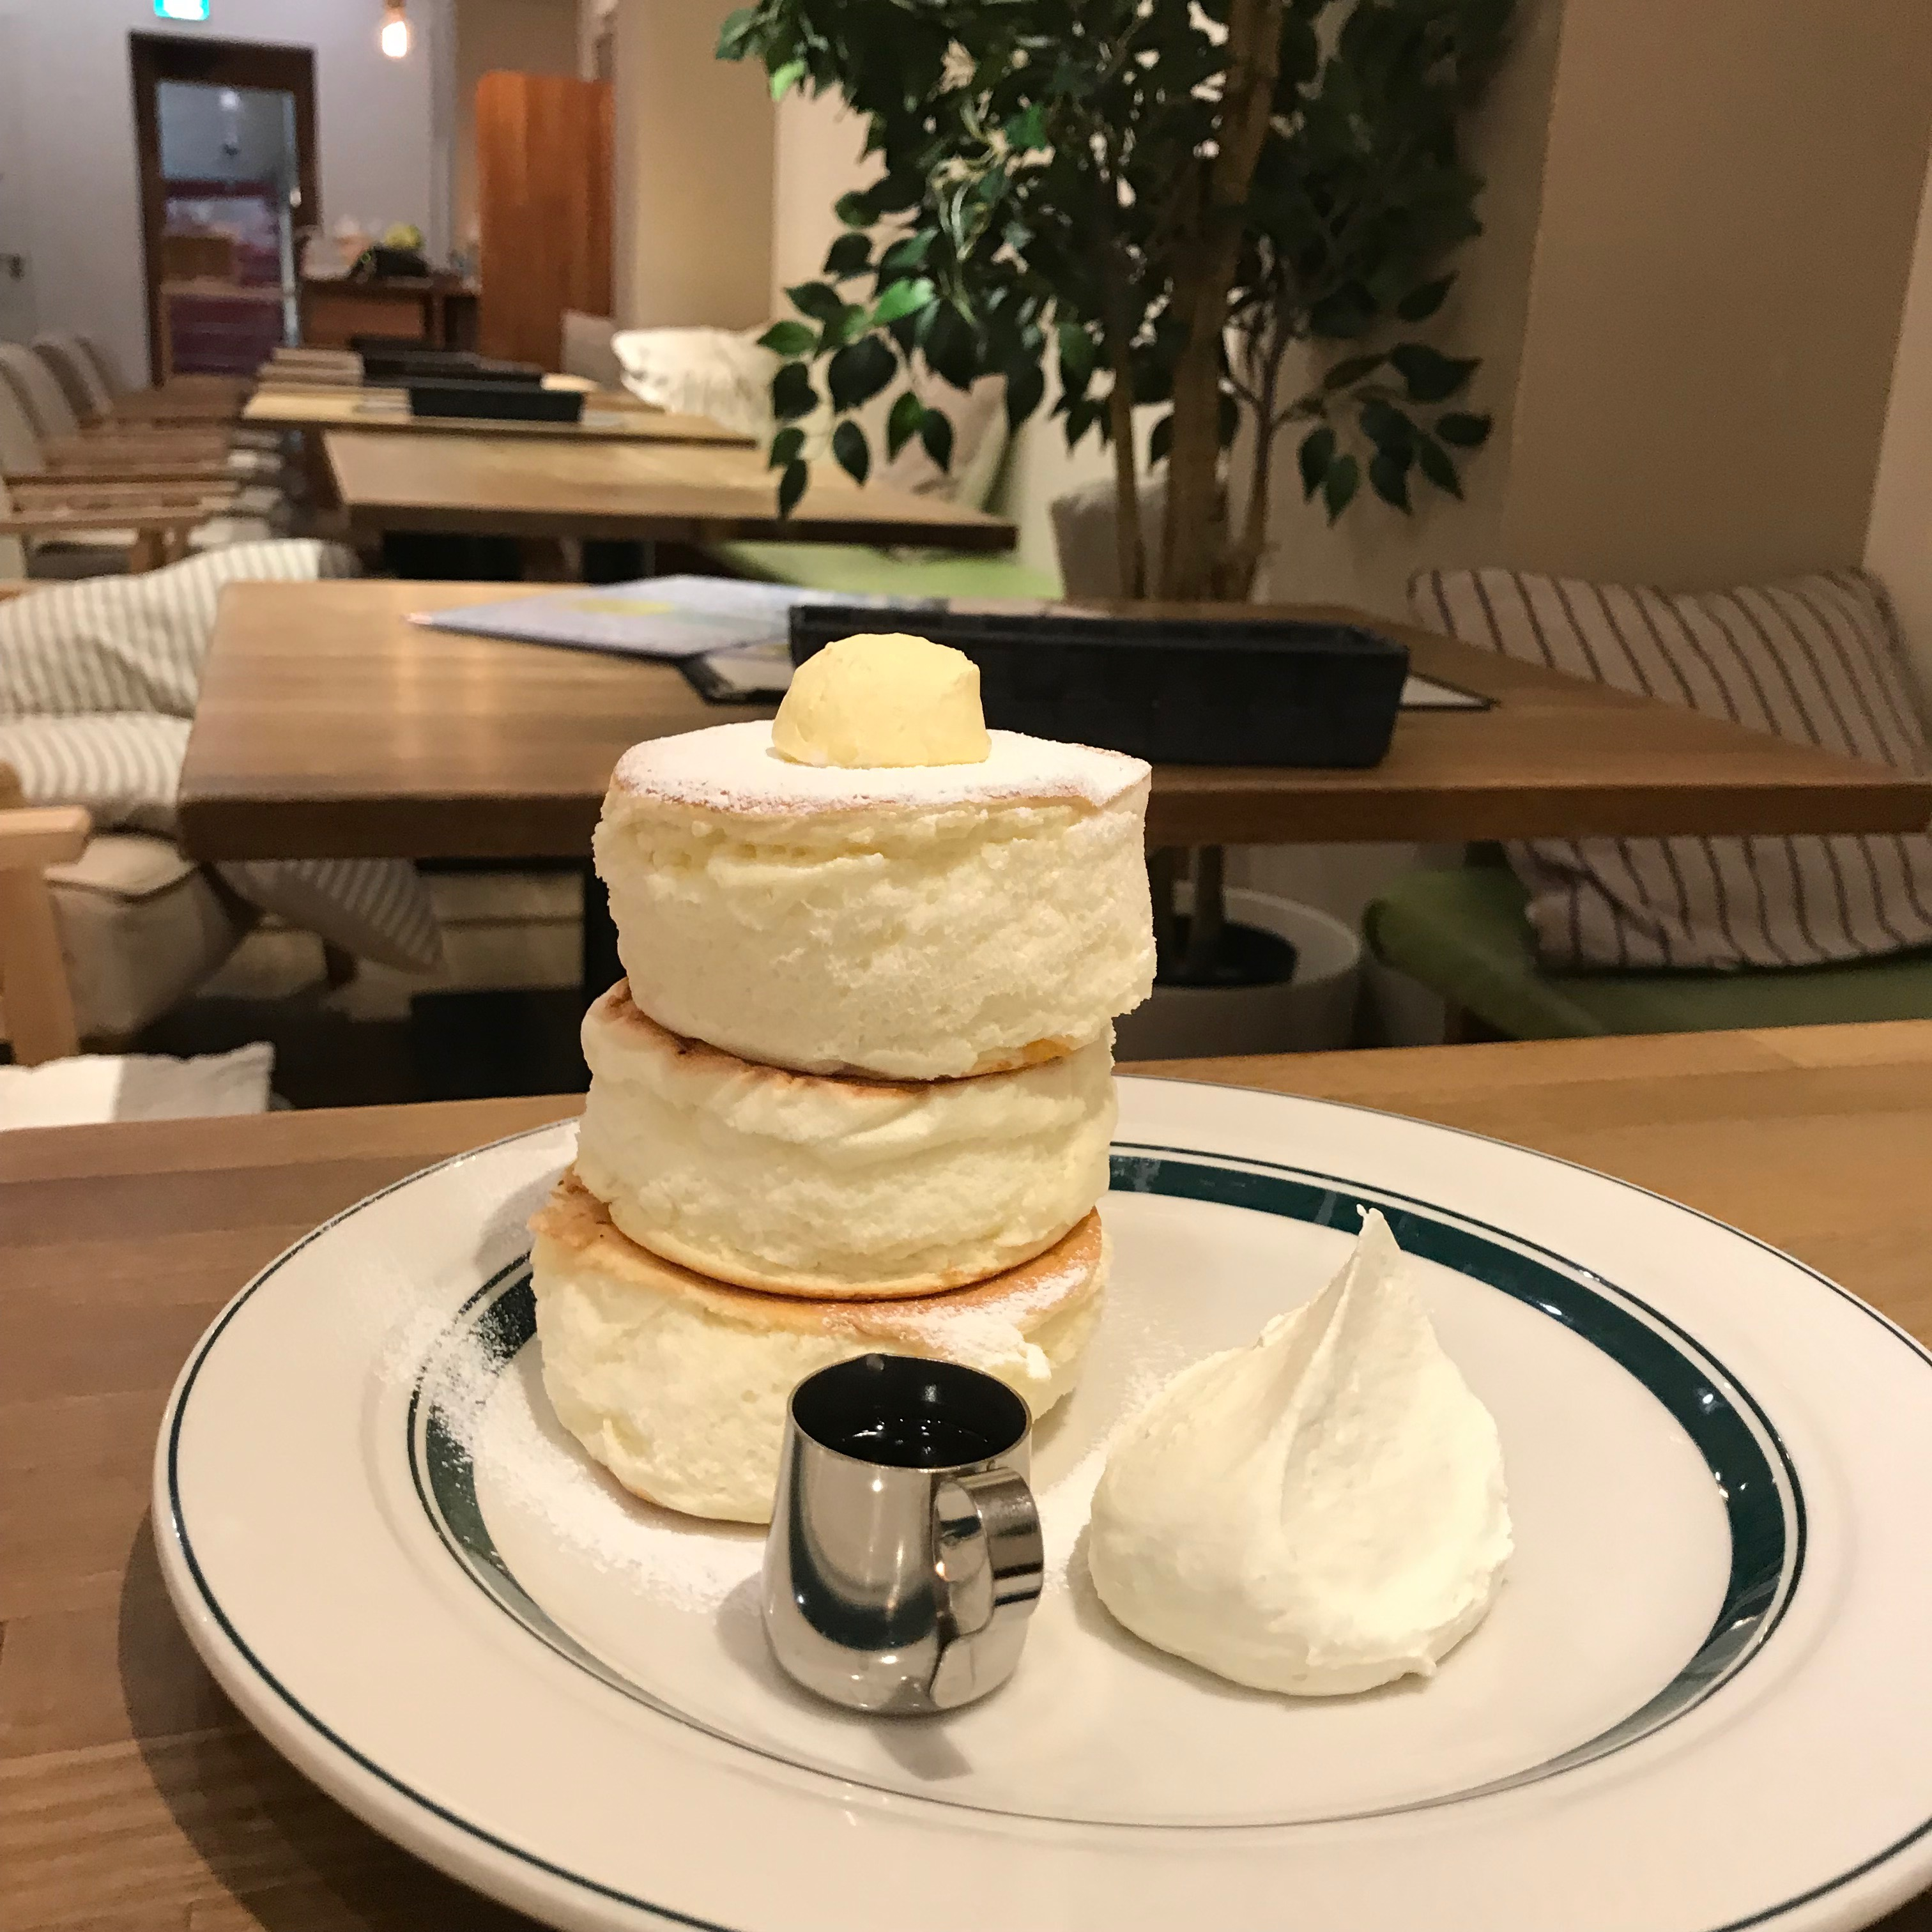 【食記】大阪必吃點心|鬆鬆軟軟厚鬆餅gram|每日限量60份